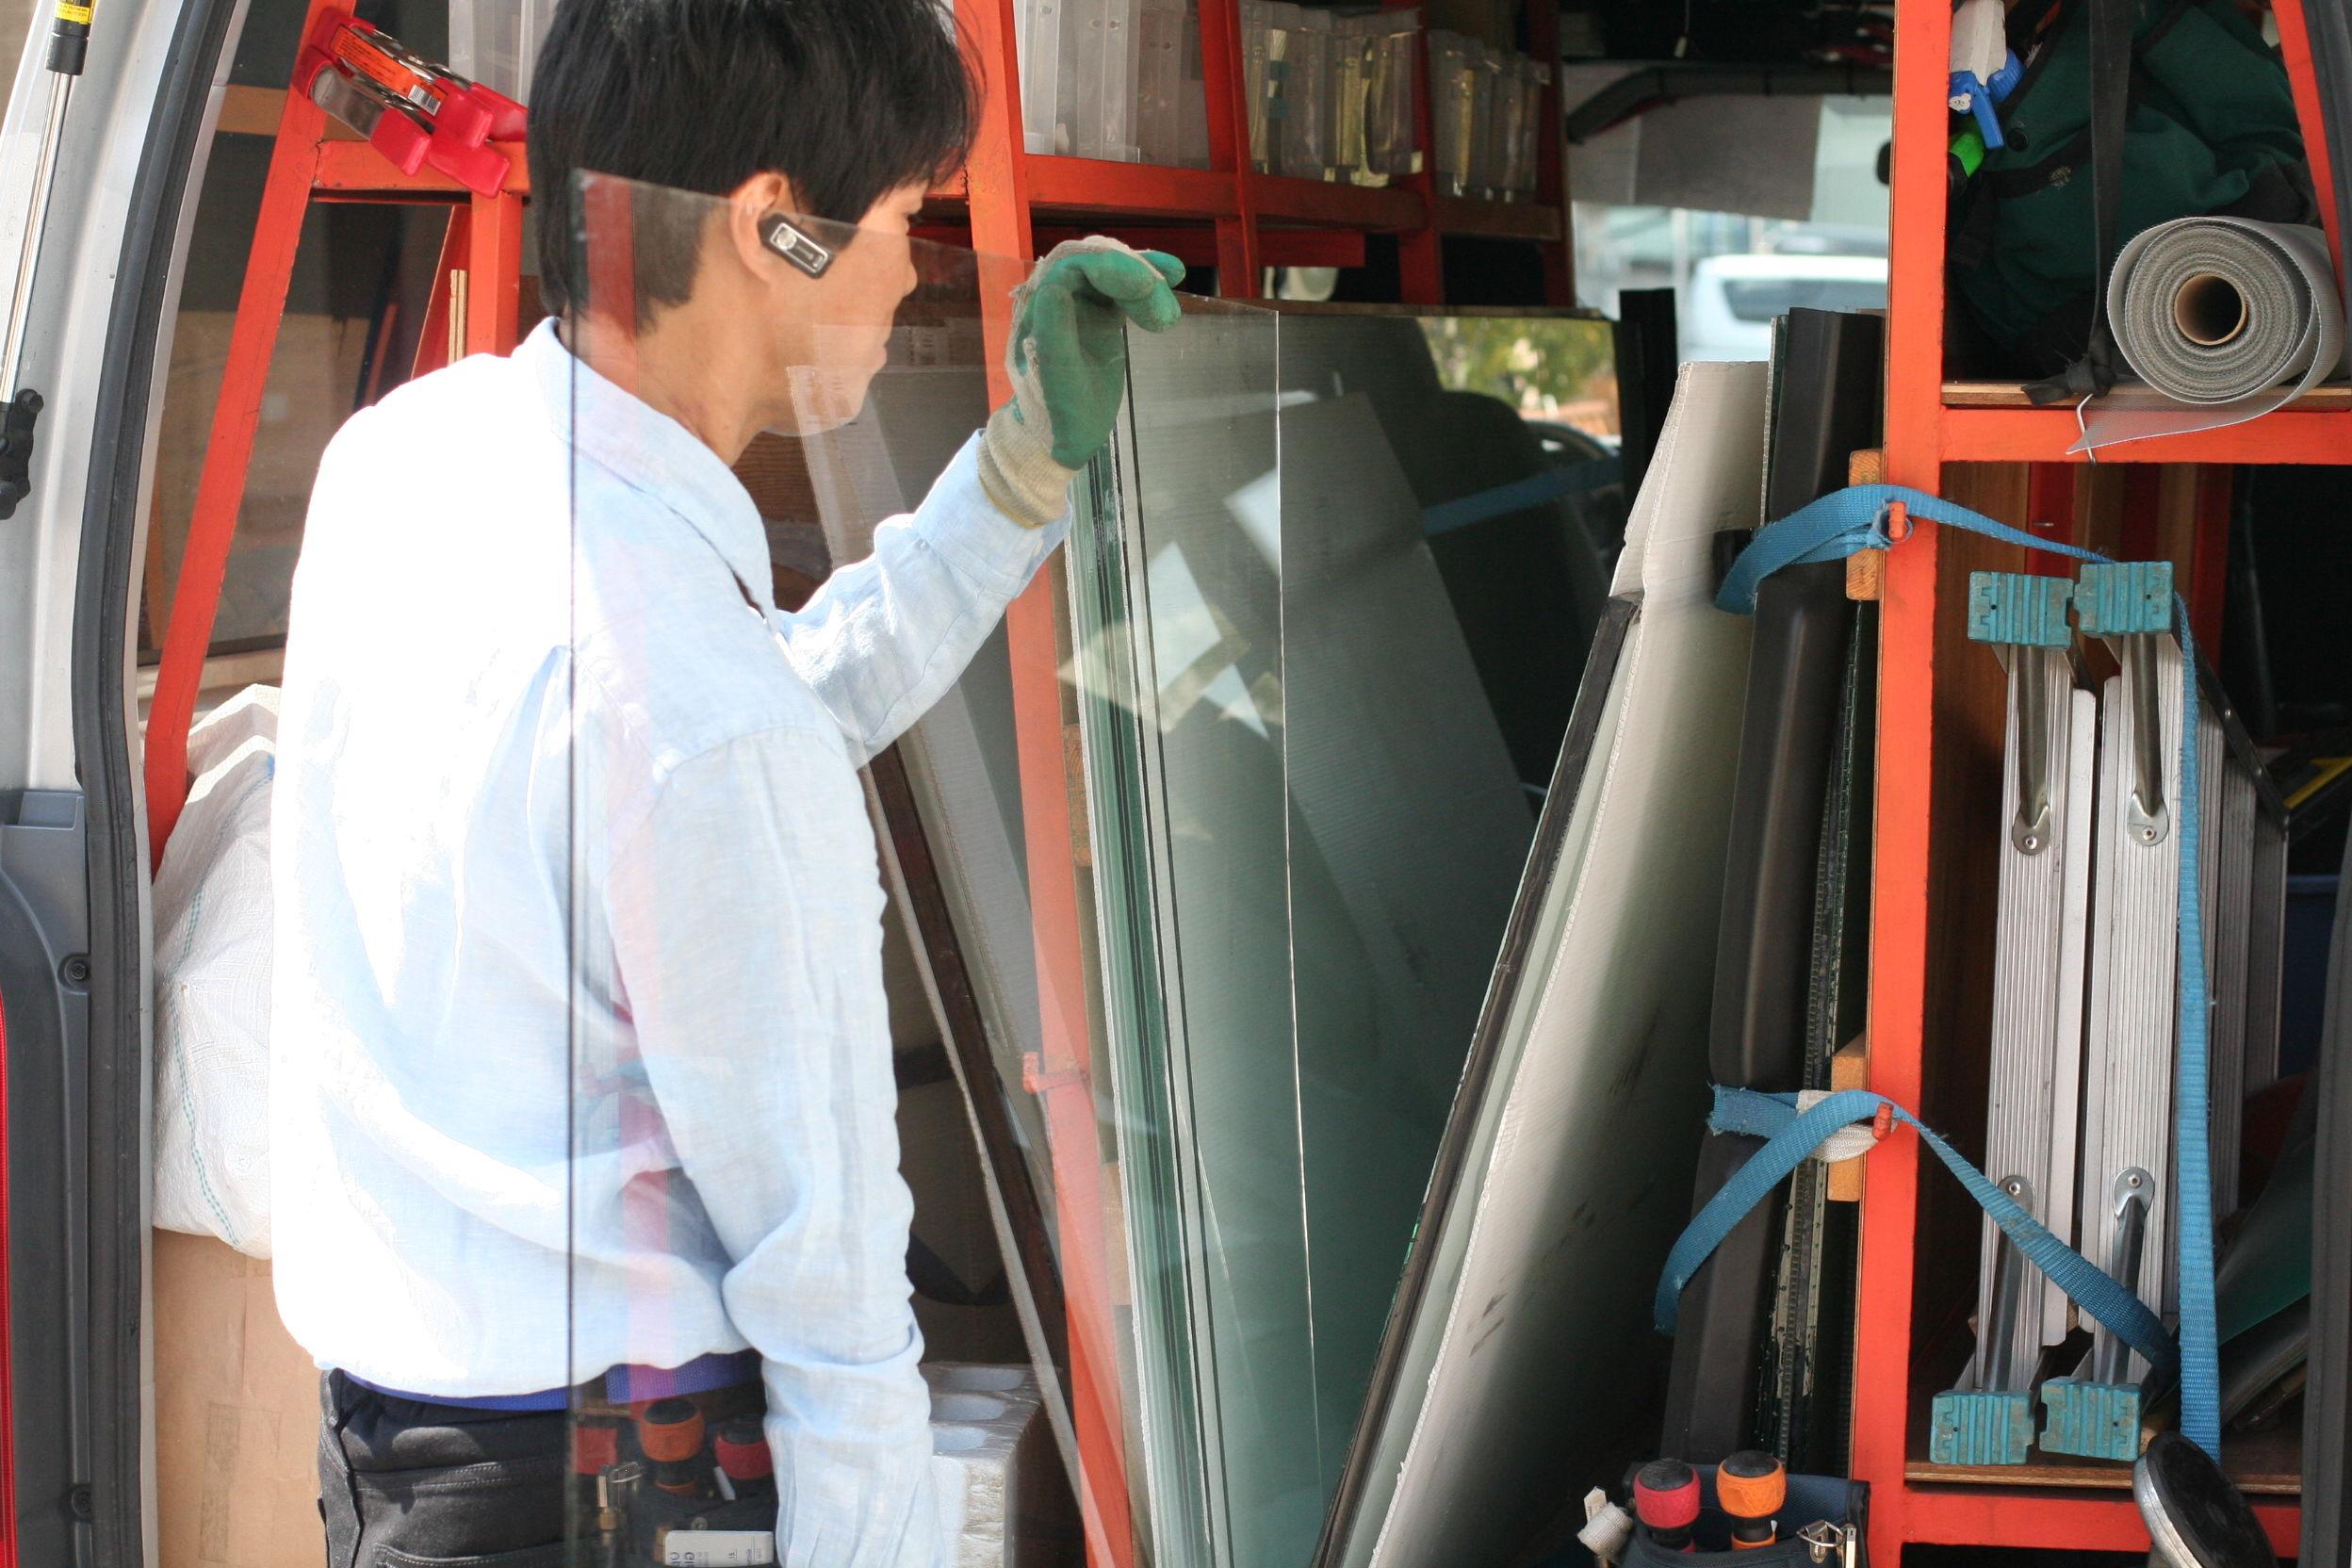 ガラスのトラブル救Q隊.24【静岡市清水区 出張エリア】の店内・外観画像2